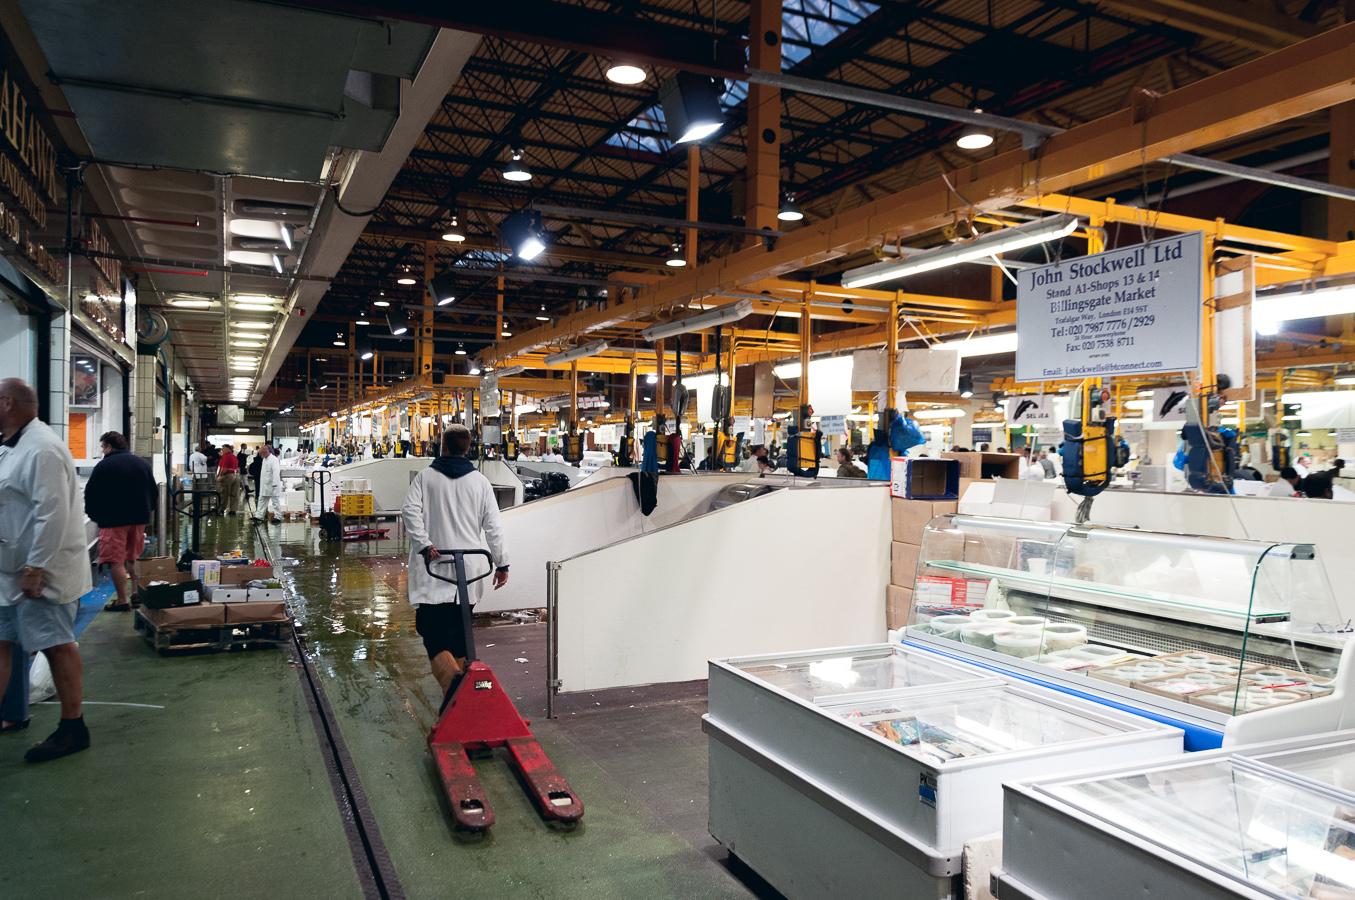 billings-gate-market-floor.jpg